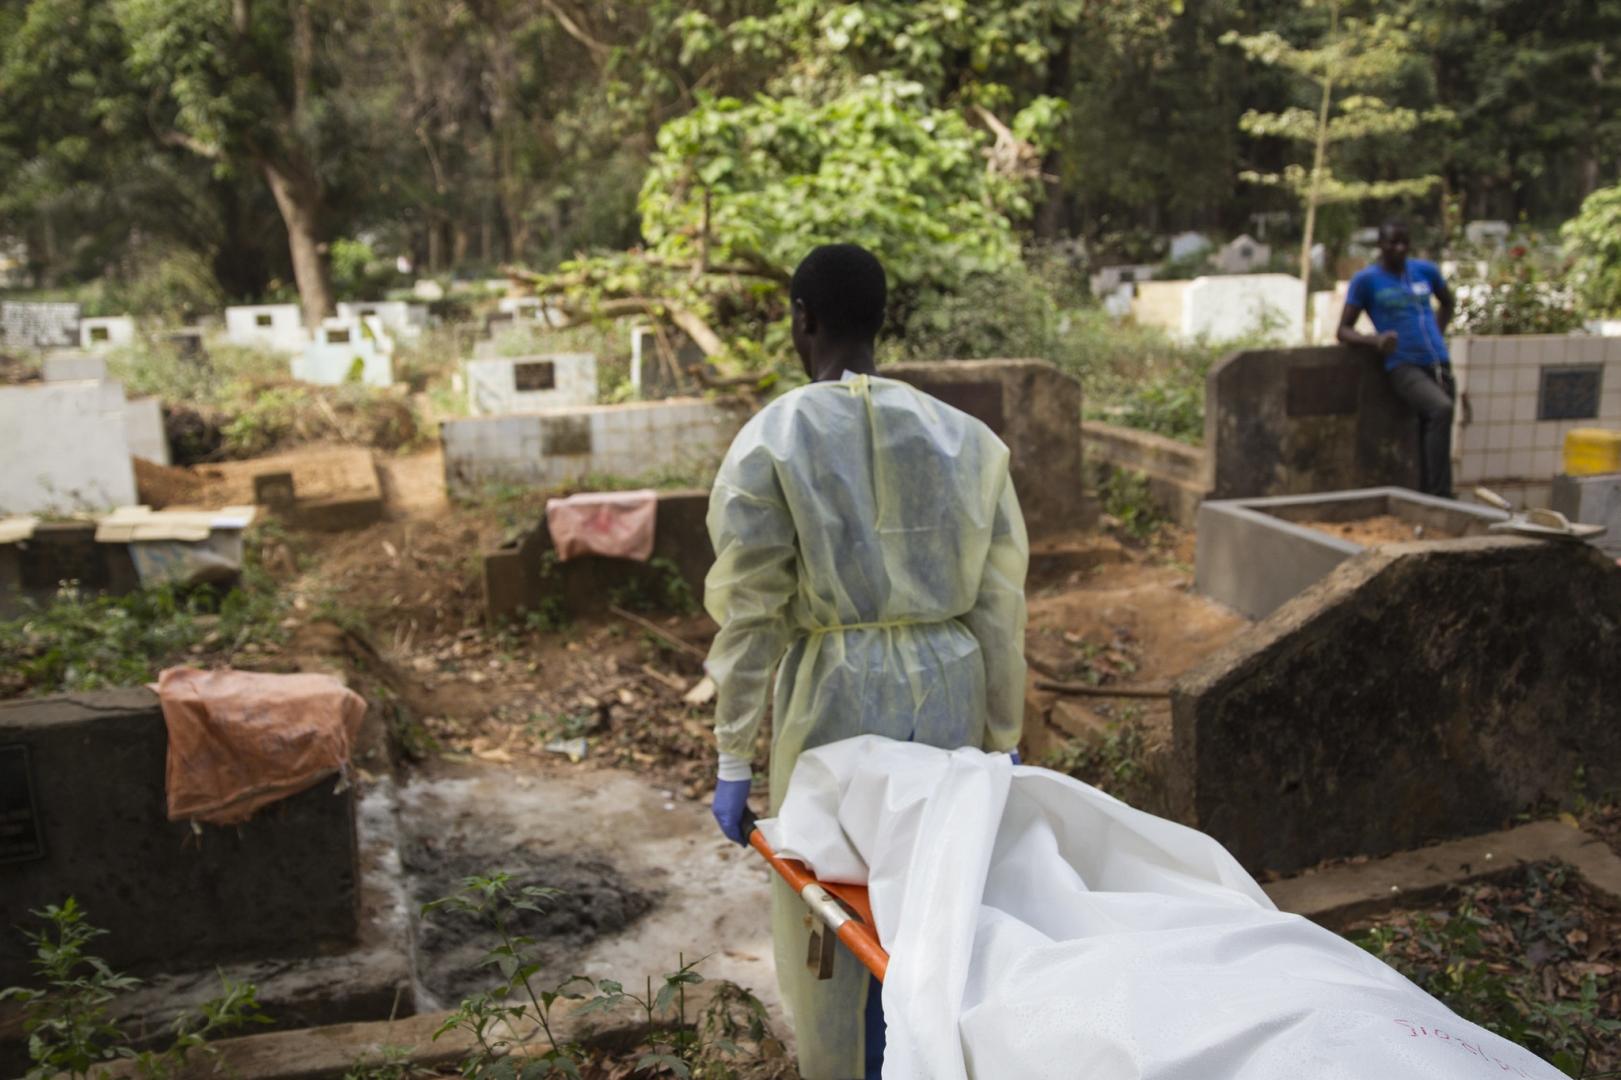 Китай расширяет помощь Африке в борьбе с лихорадкой Эбола - ИА REGNUM